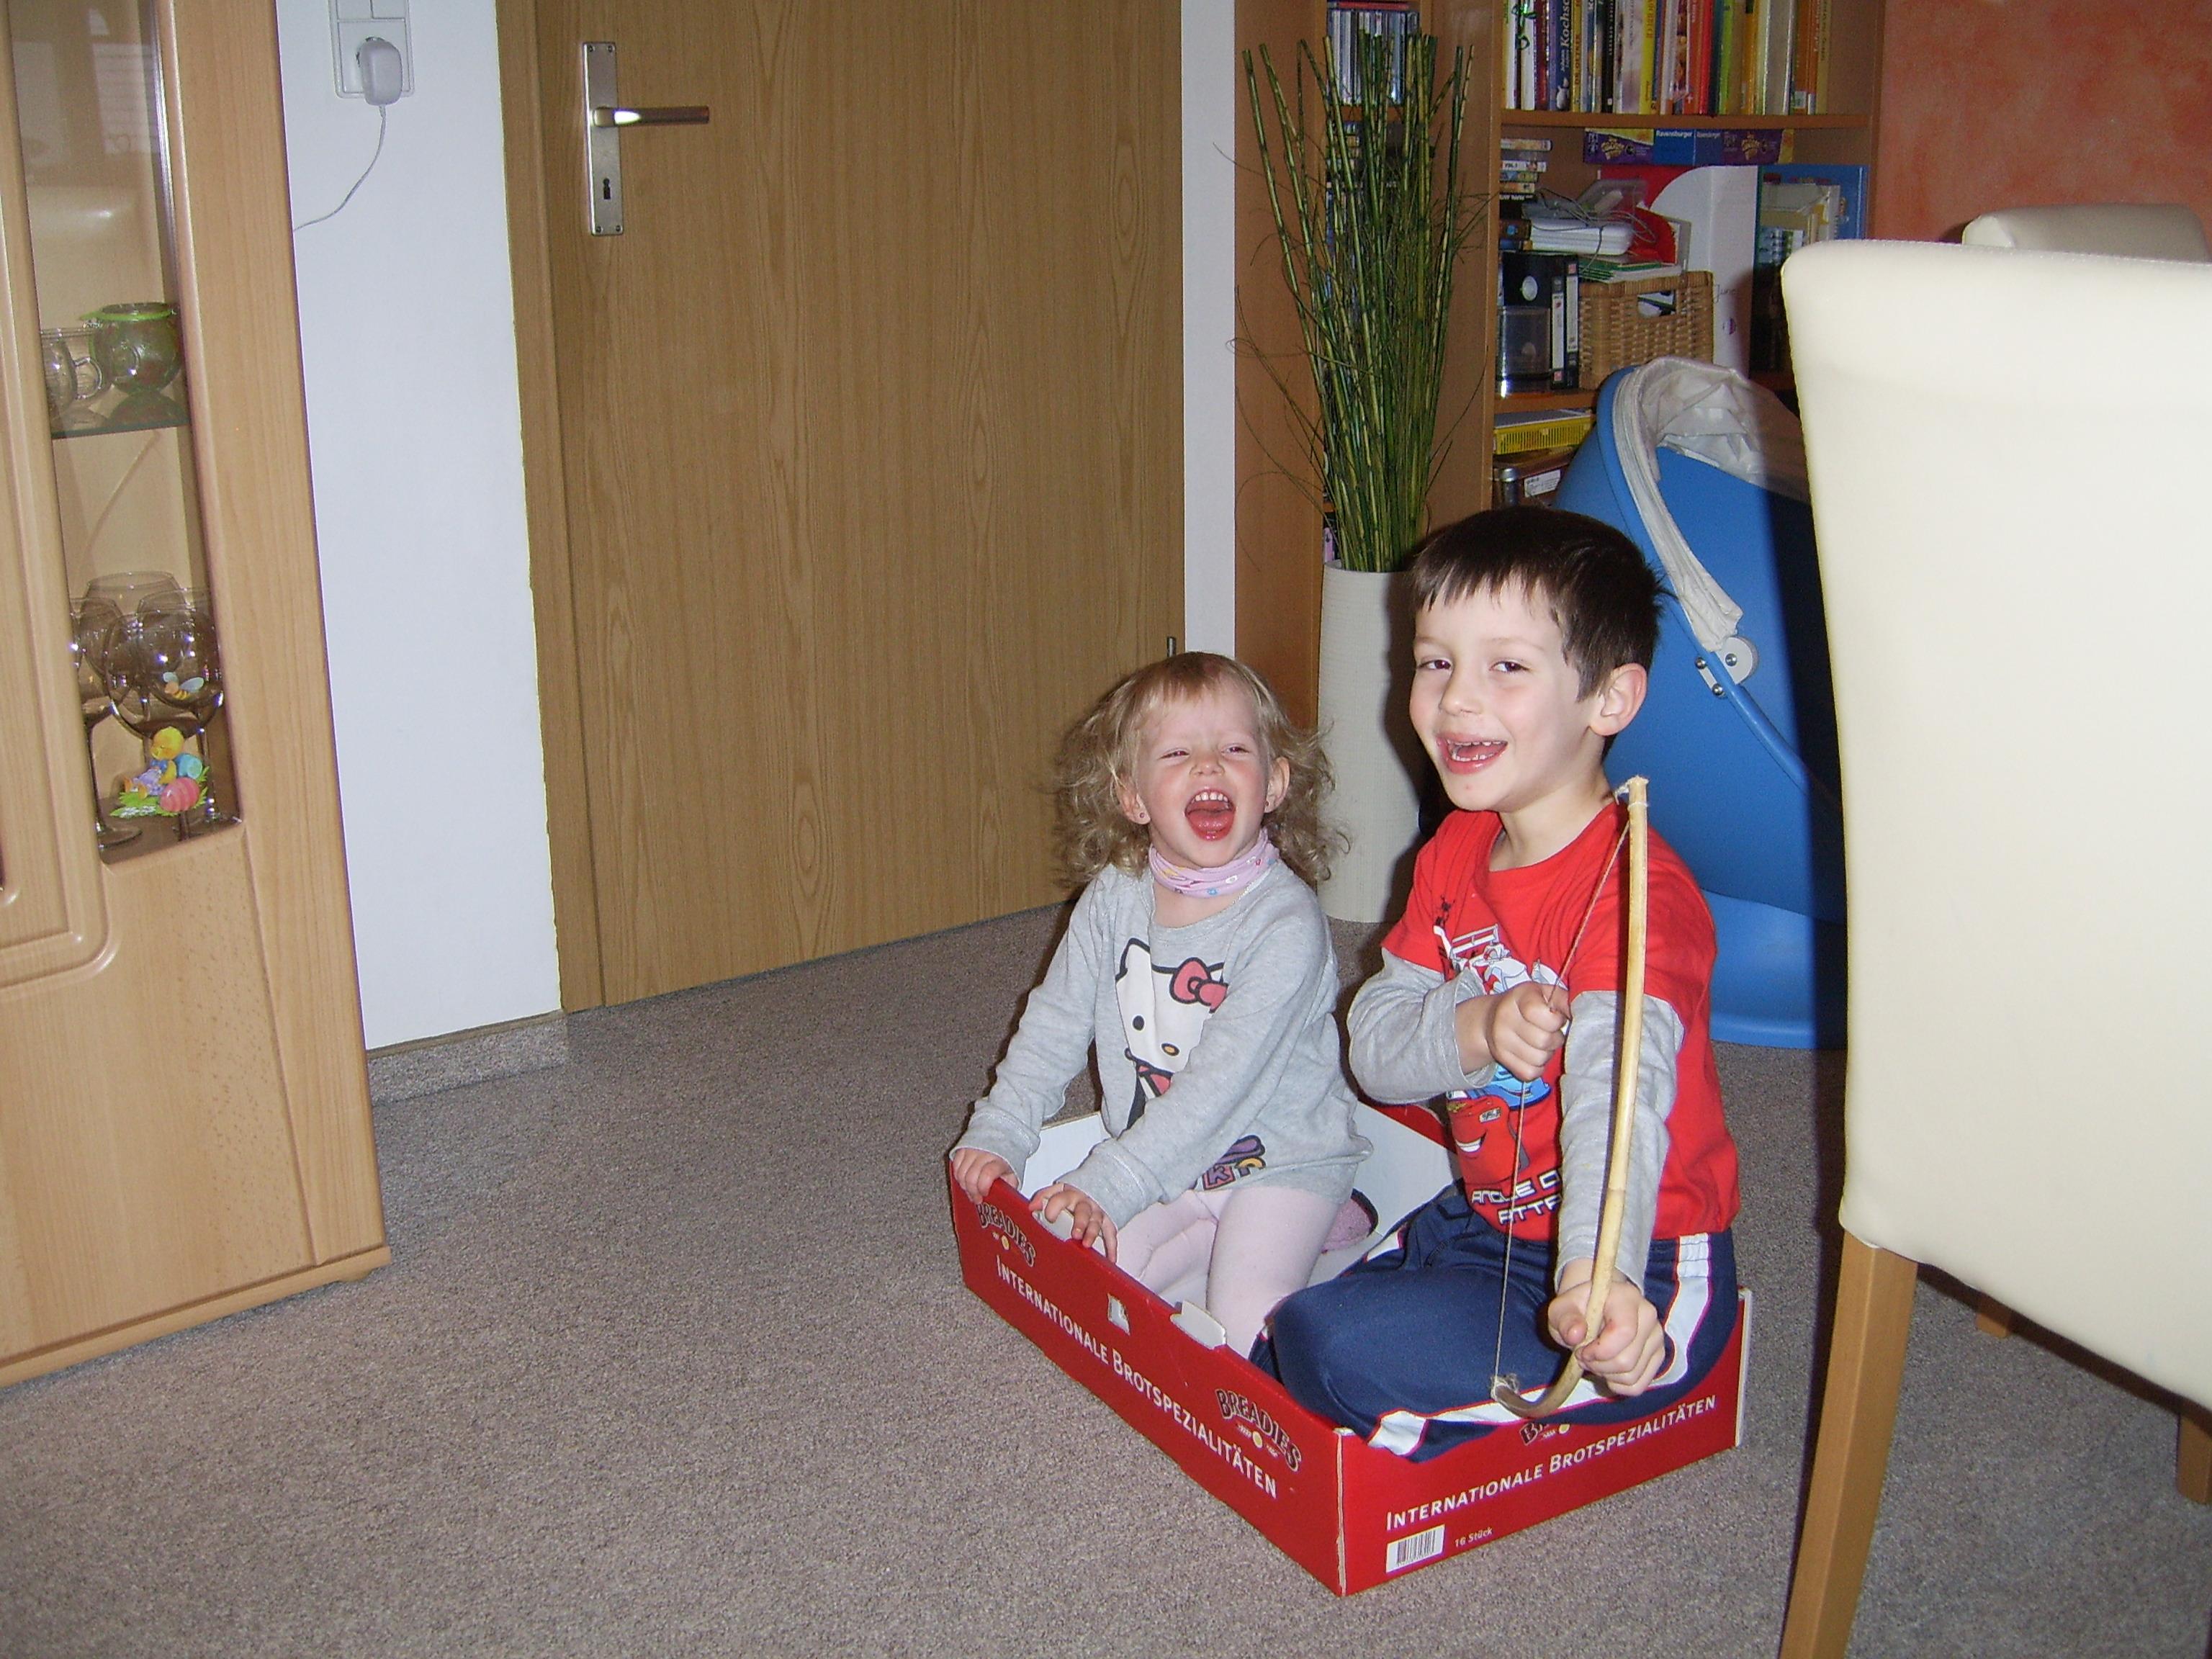 Frisch eingekauft: 2 Kids, Netto, Sonderangebot.